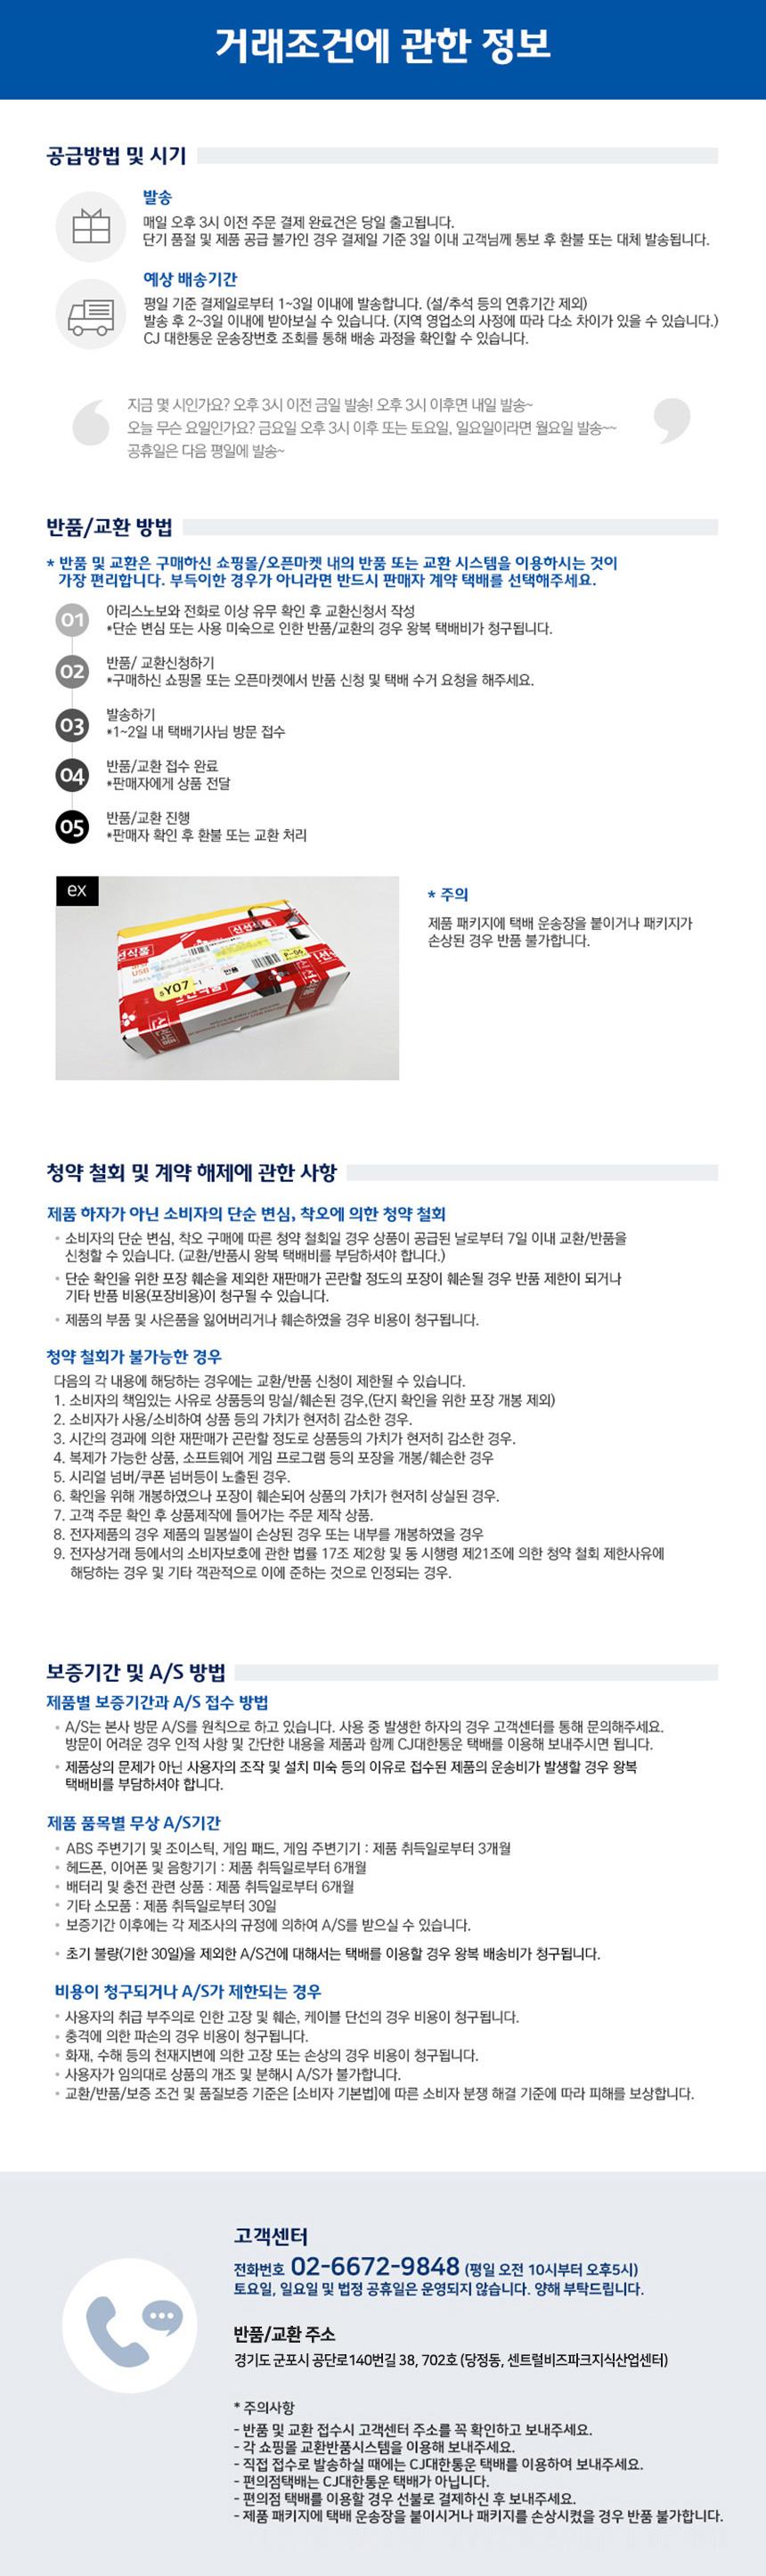 잔파이어 조이스틱 유선 안드로이드 PC USB 2in1 게임패드 - 아리스노보, 12,500원, 게임기, 게임기 액세서리